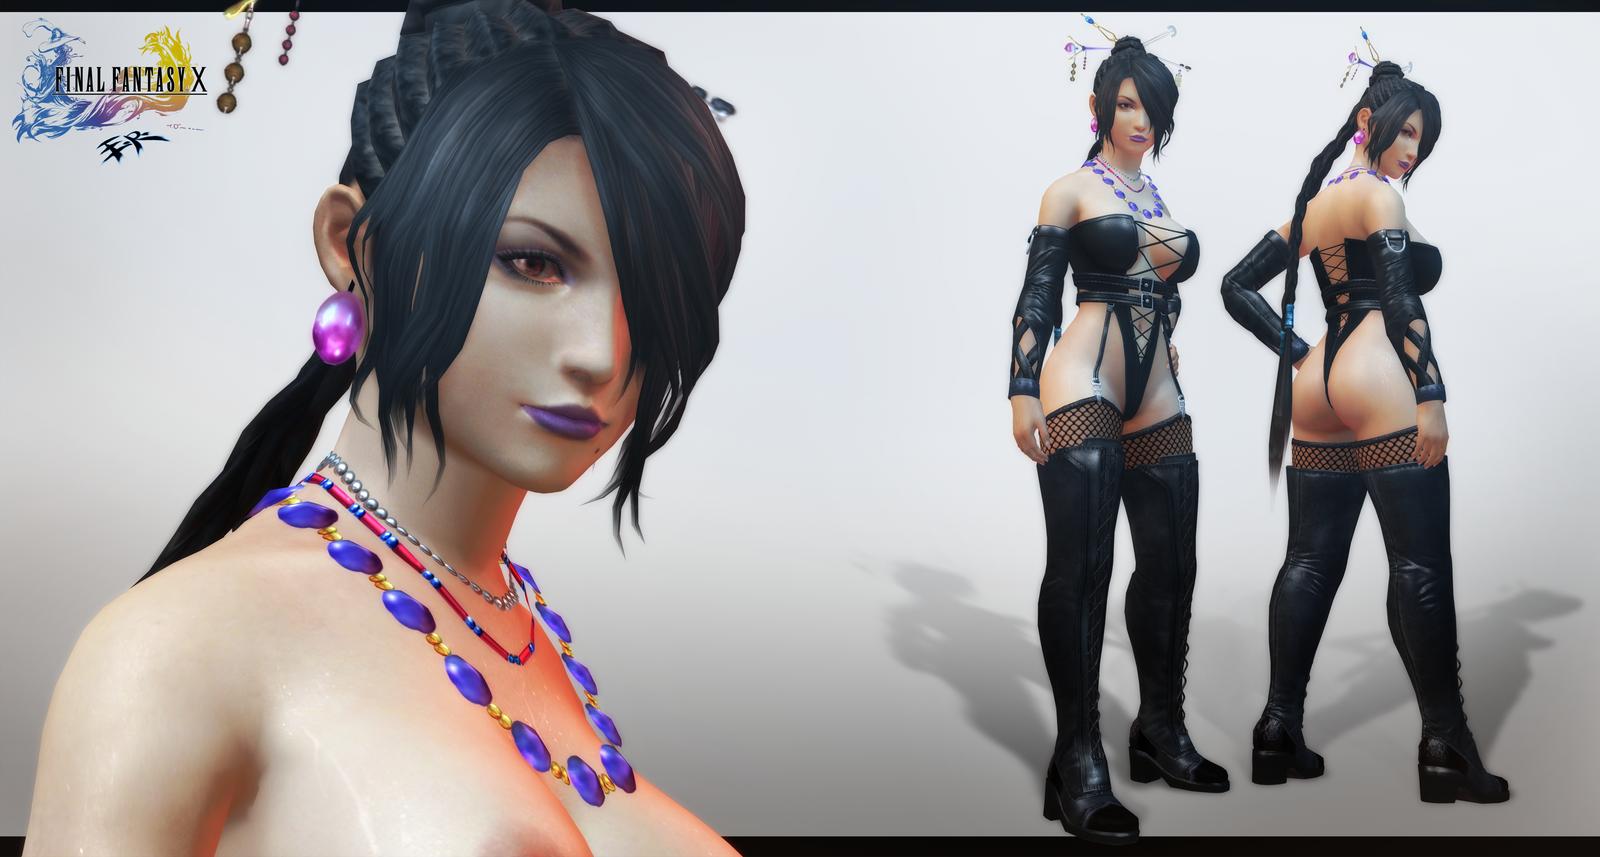 Final Fantasy X Sexy er) ffx - sexy luluiireii on deviantart